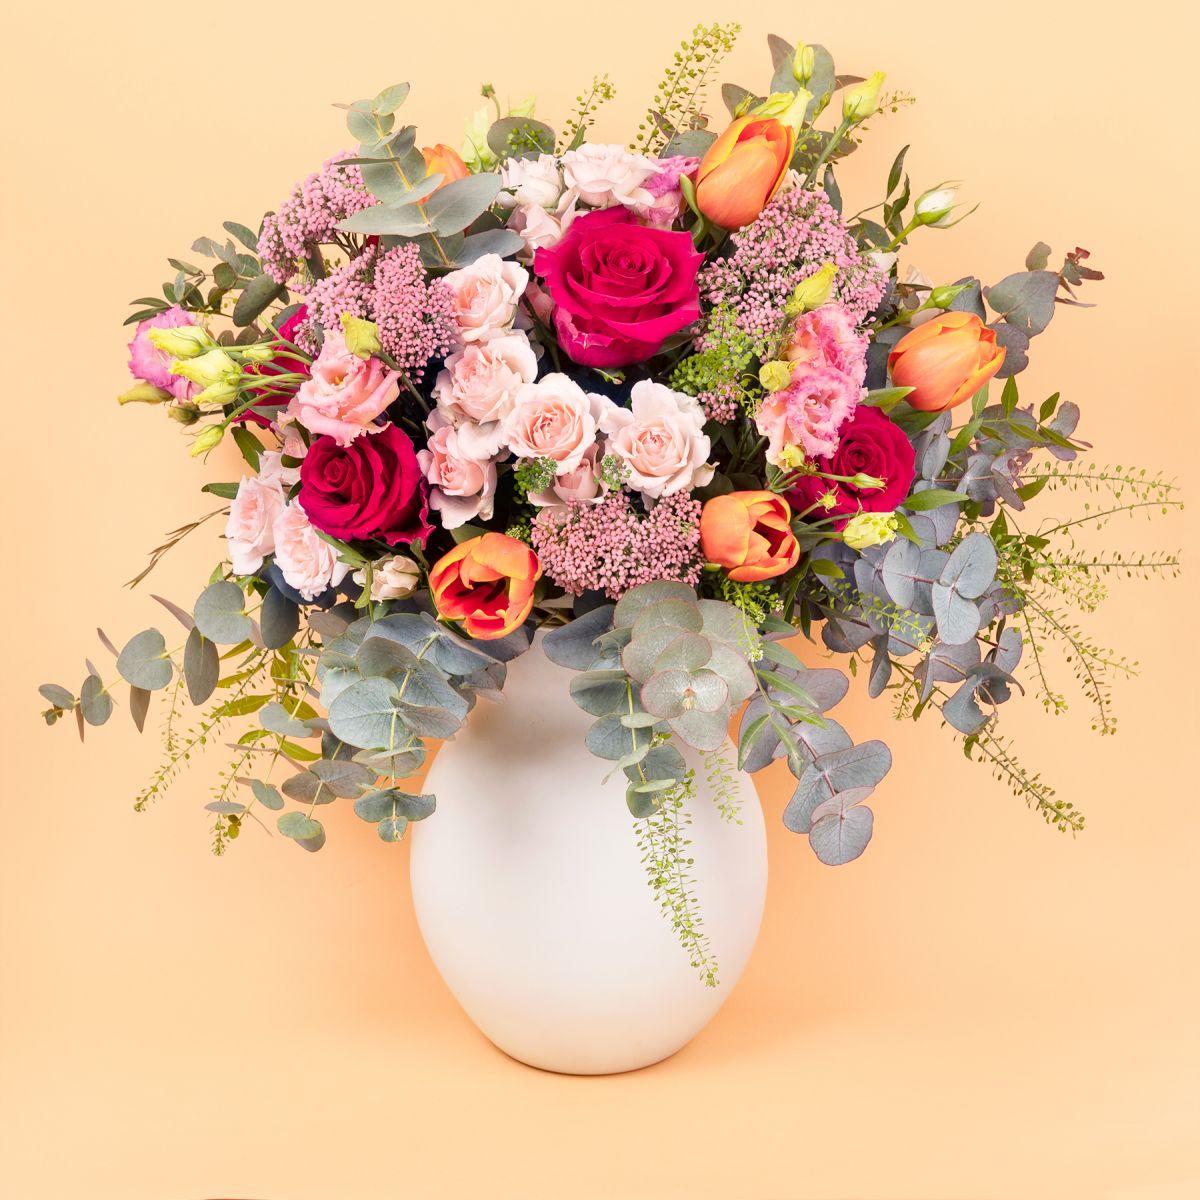 Mazzo di fiori con fiore di riso - Royal Nature - Fiori a domicilio - Colvin